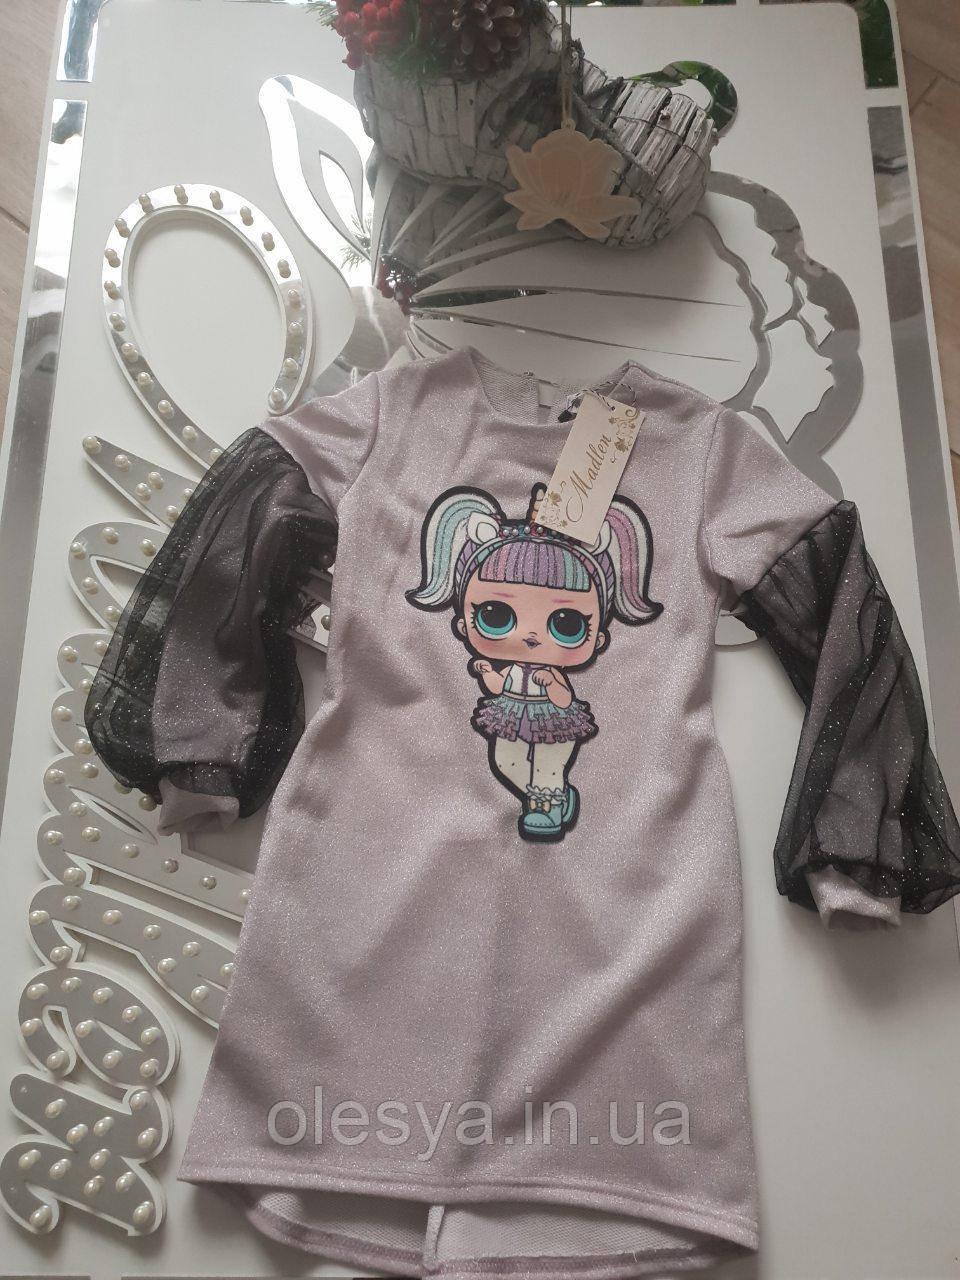 Детское платье на девочку с куколкой LOL Размер 116  Тренд сезона